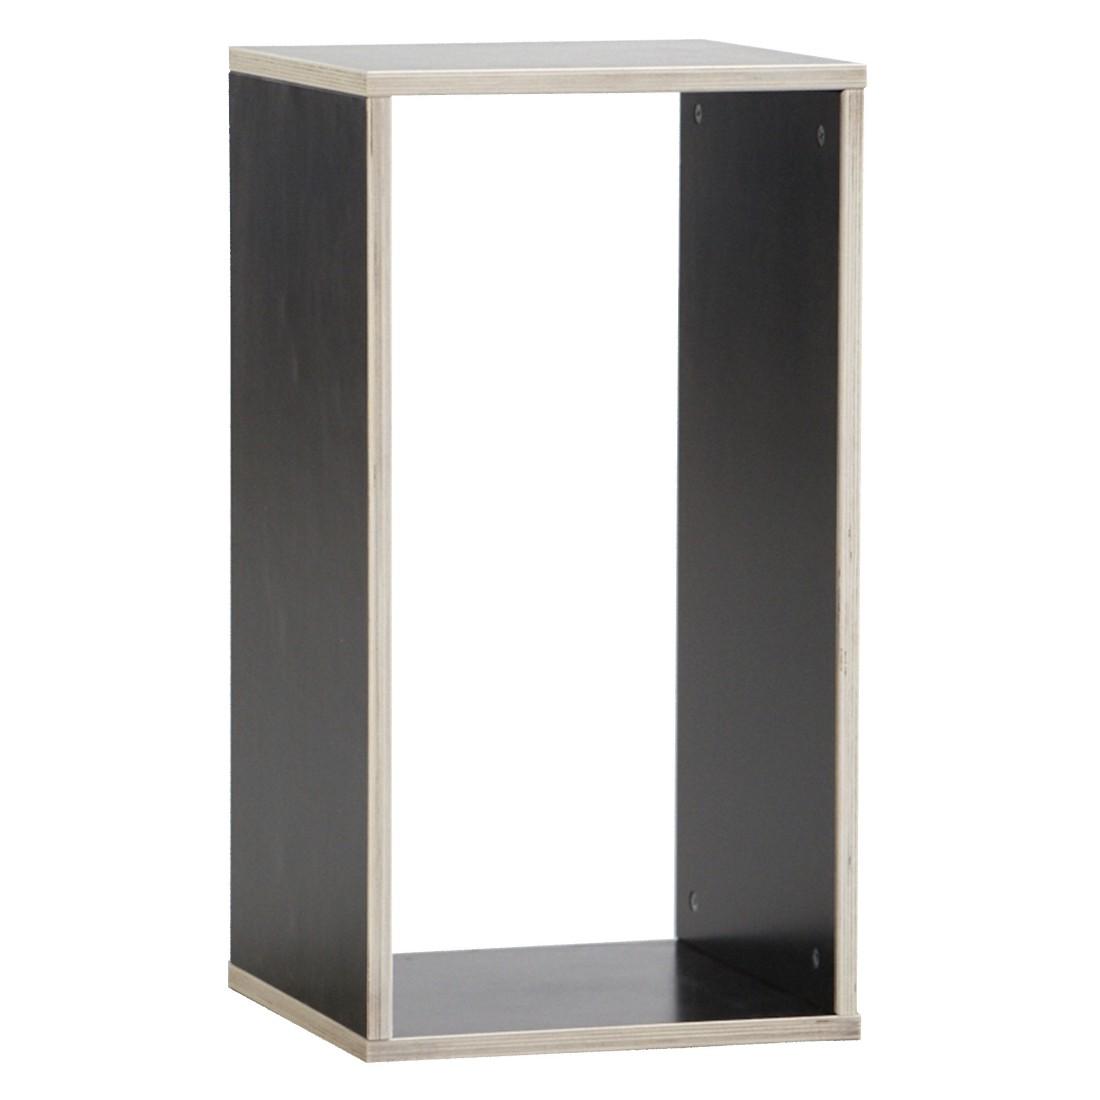 regalquader oru preisvergleich. Black Bedroom Furniture Sets. Home Design Ideas